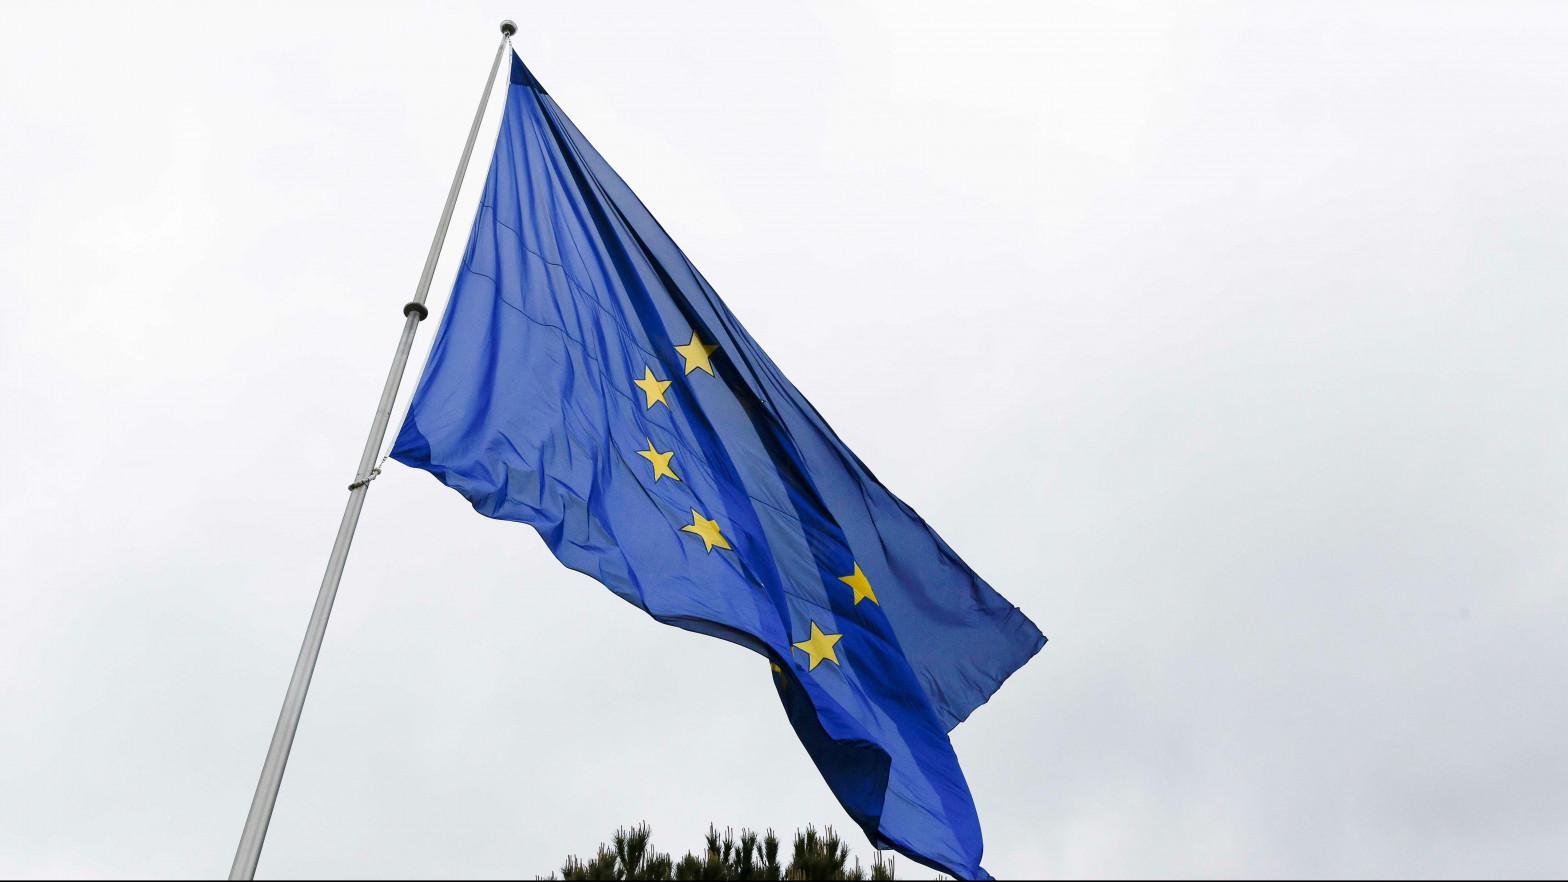 La UE pondrá a disposición de otros países los proyectos de I+D que no logre explotar España